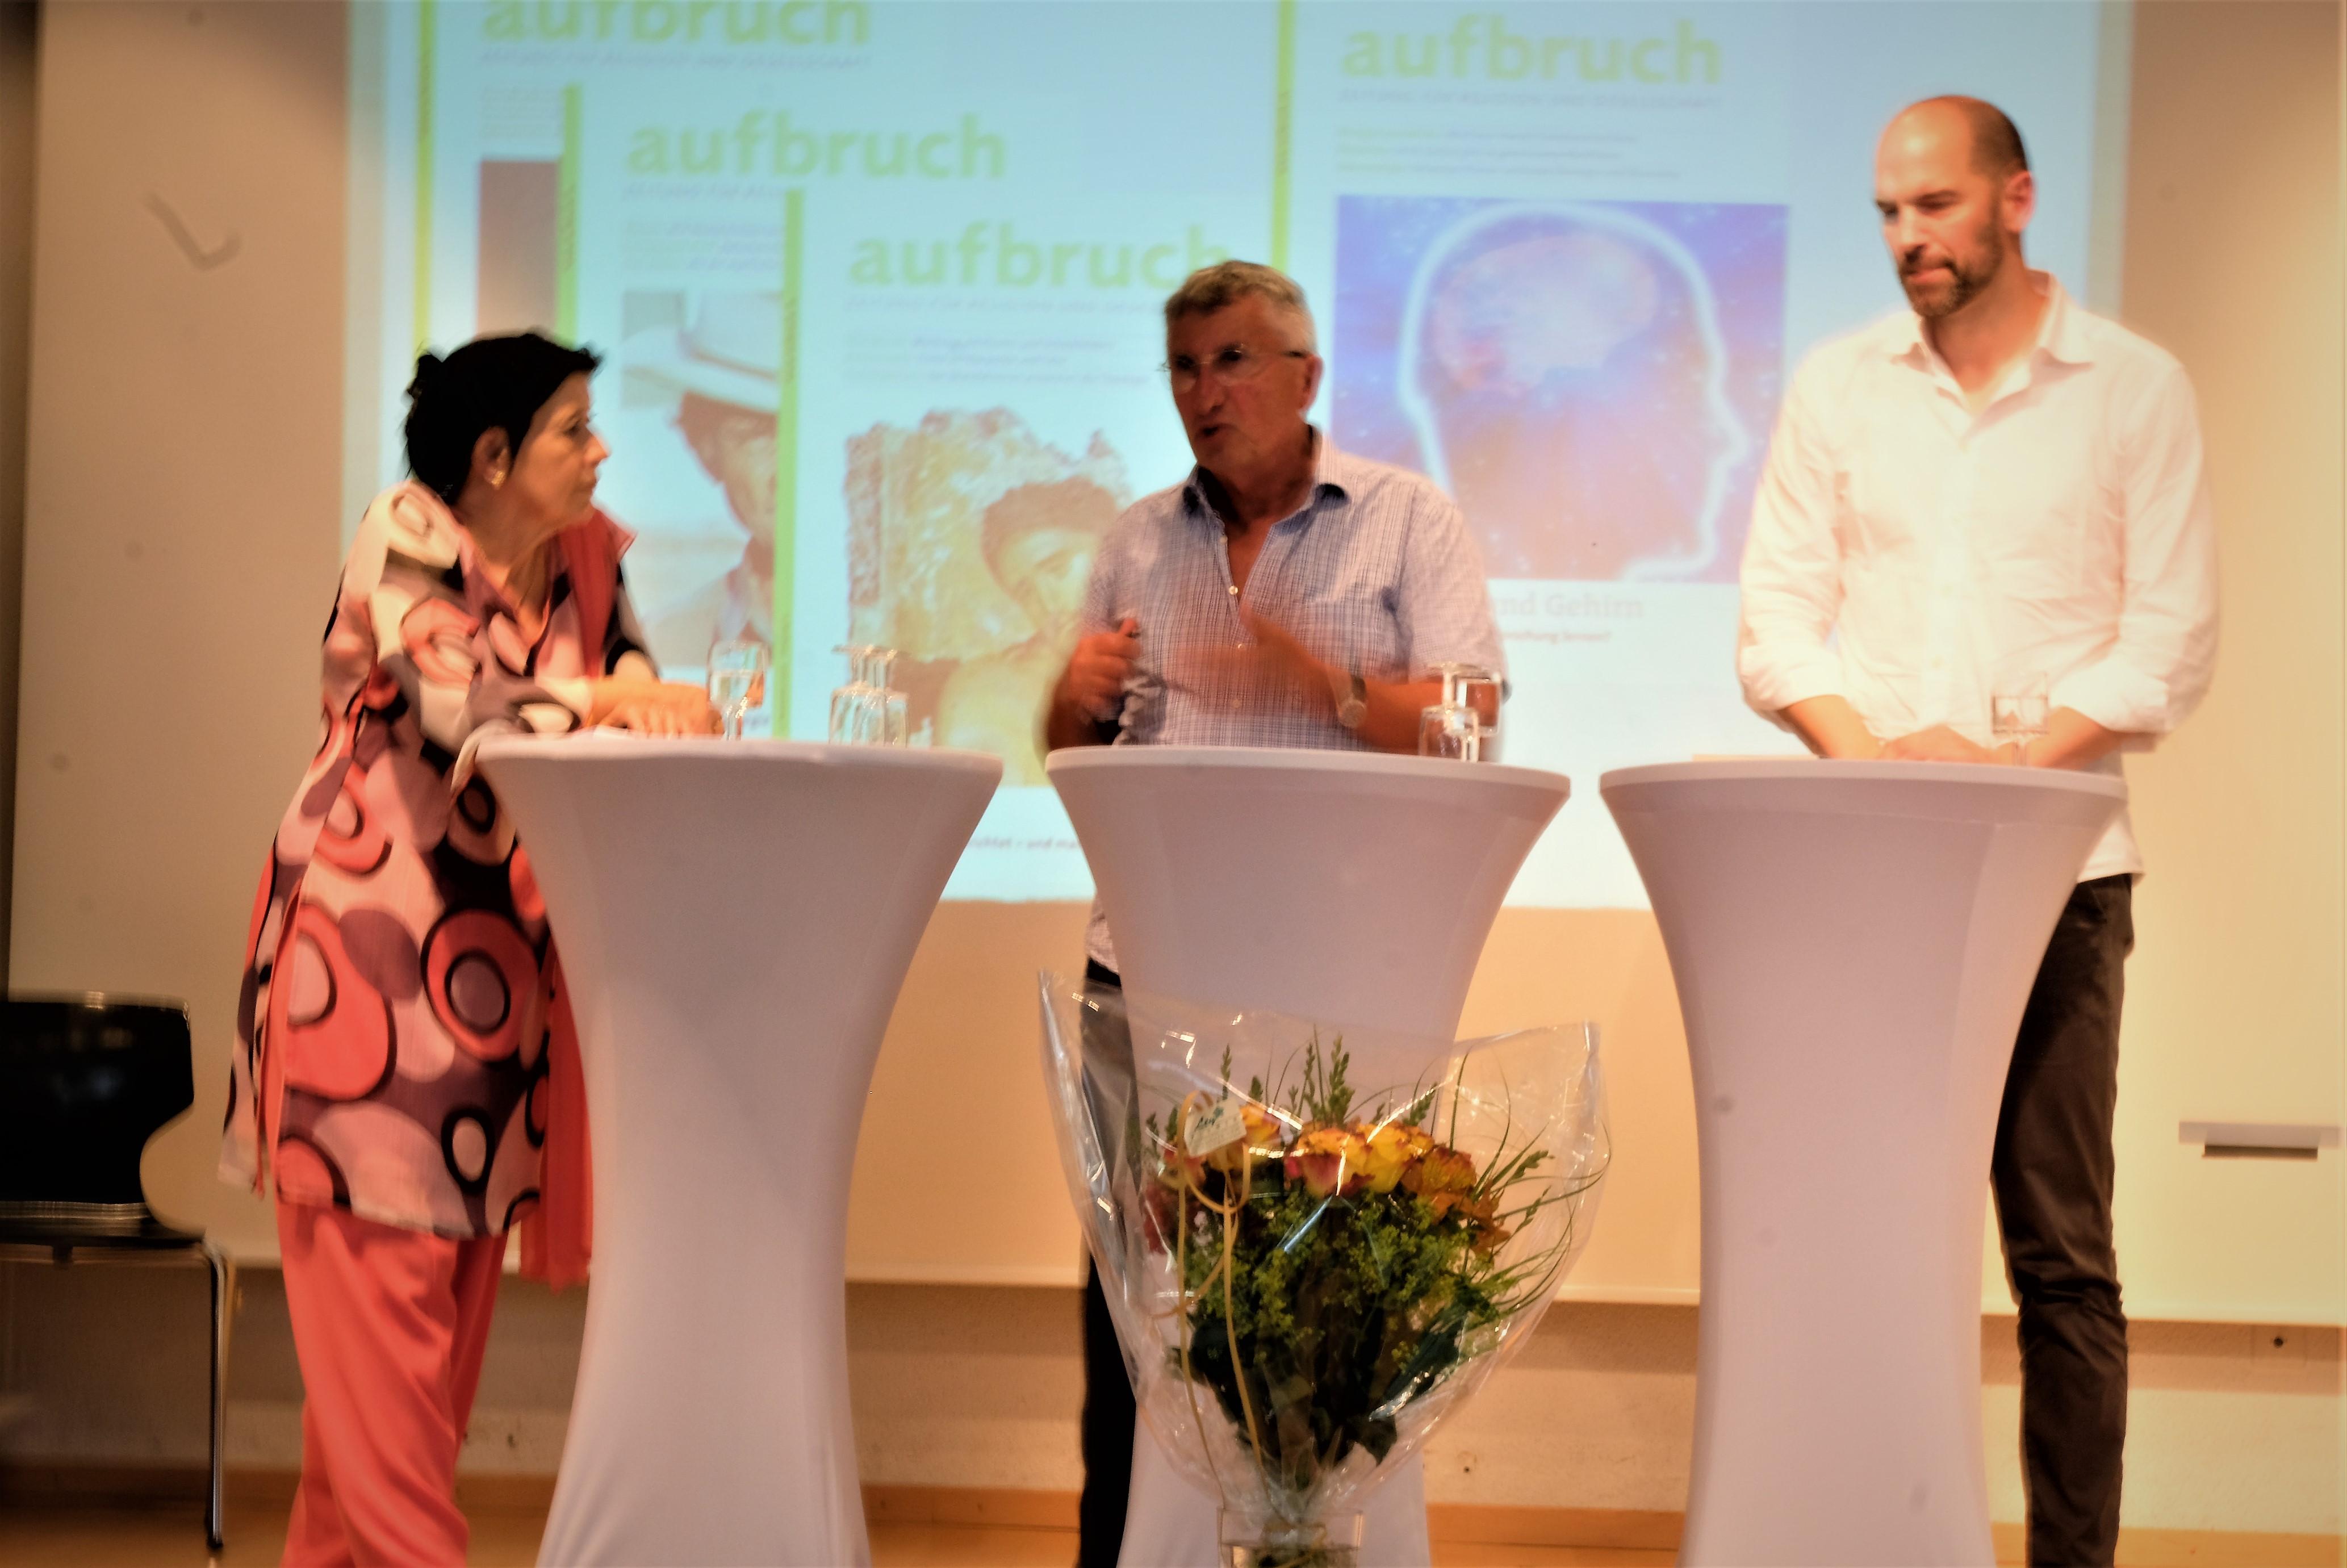 30 Jahre aufbruch Podium Lenzin Bühler Kirchschläger